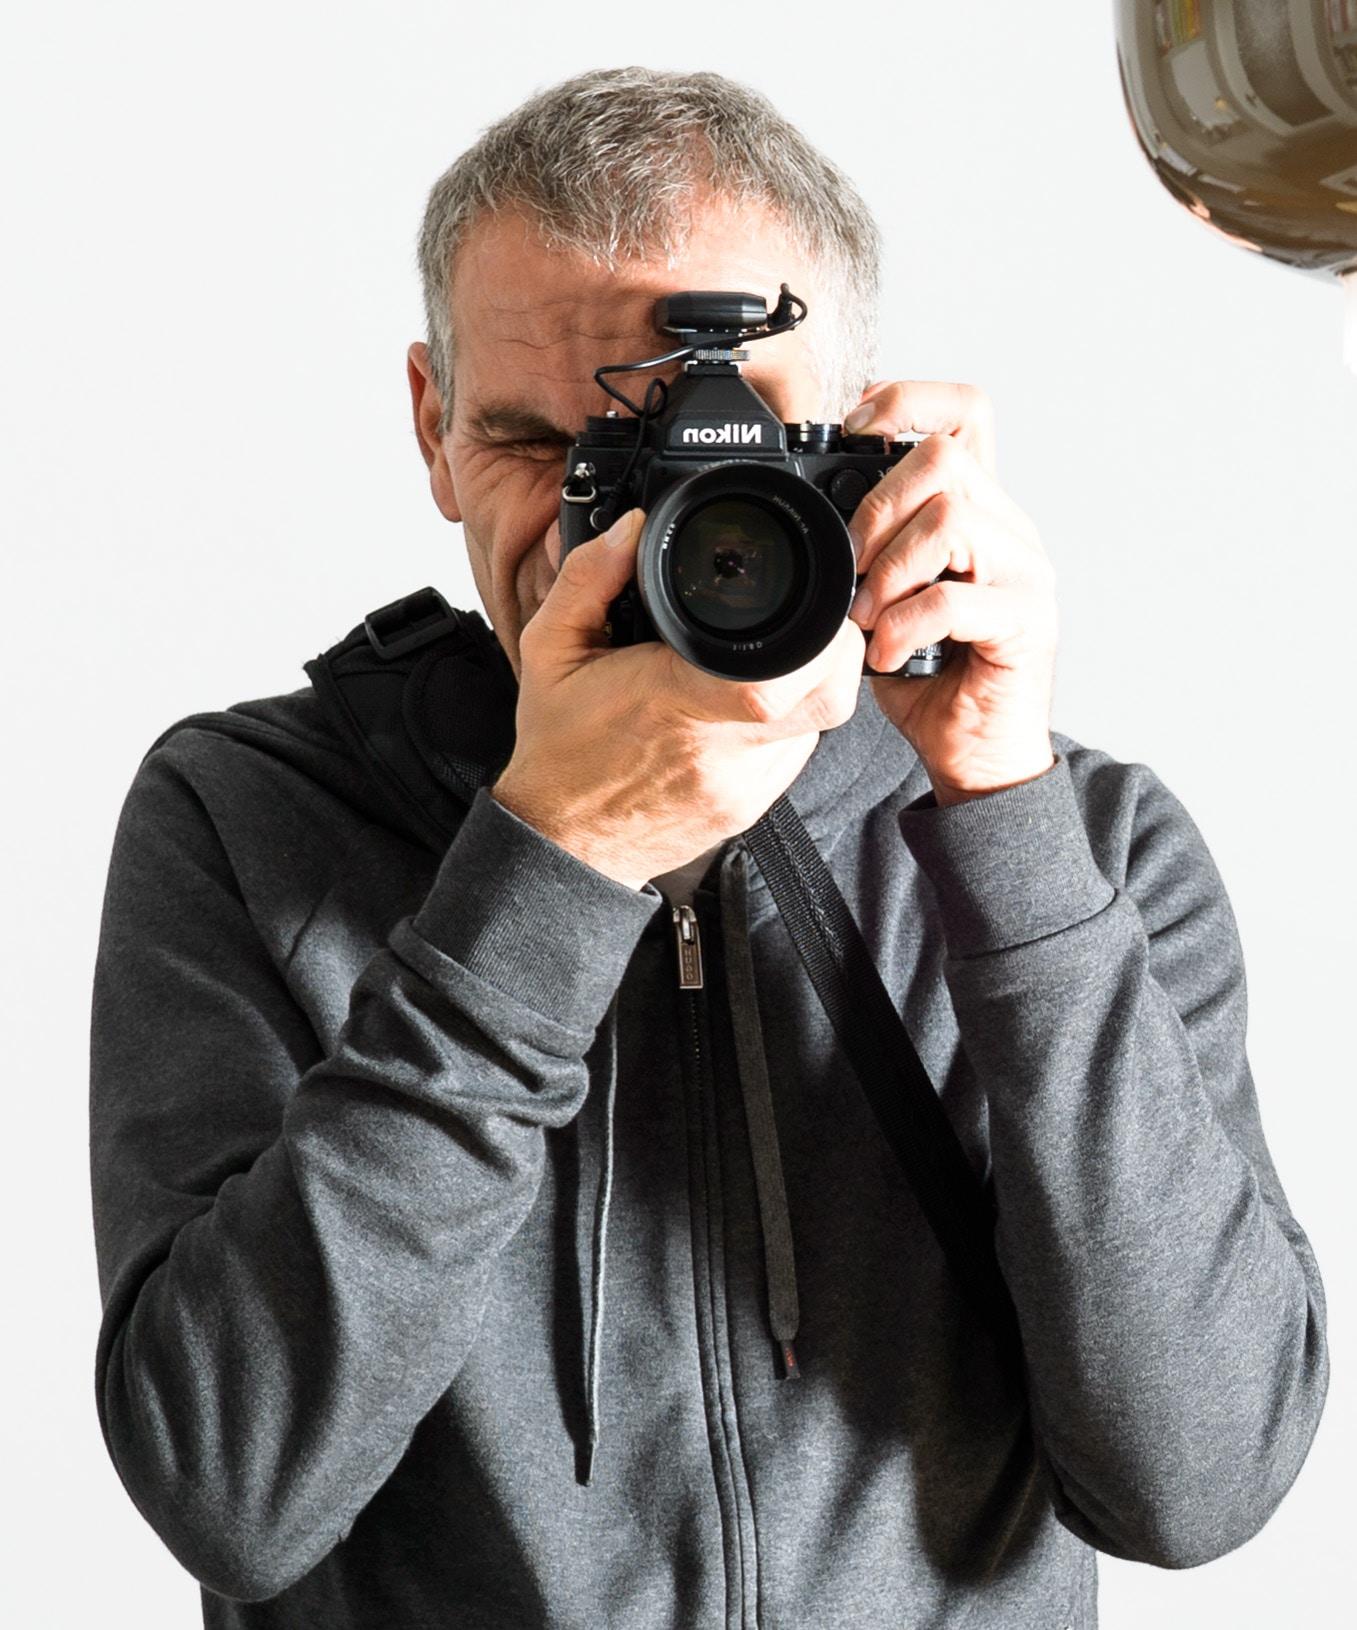 Go to Robert Brands's profile